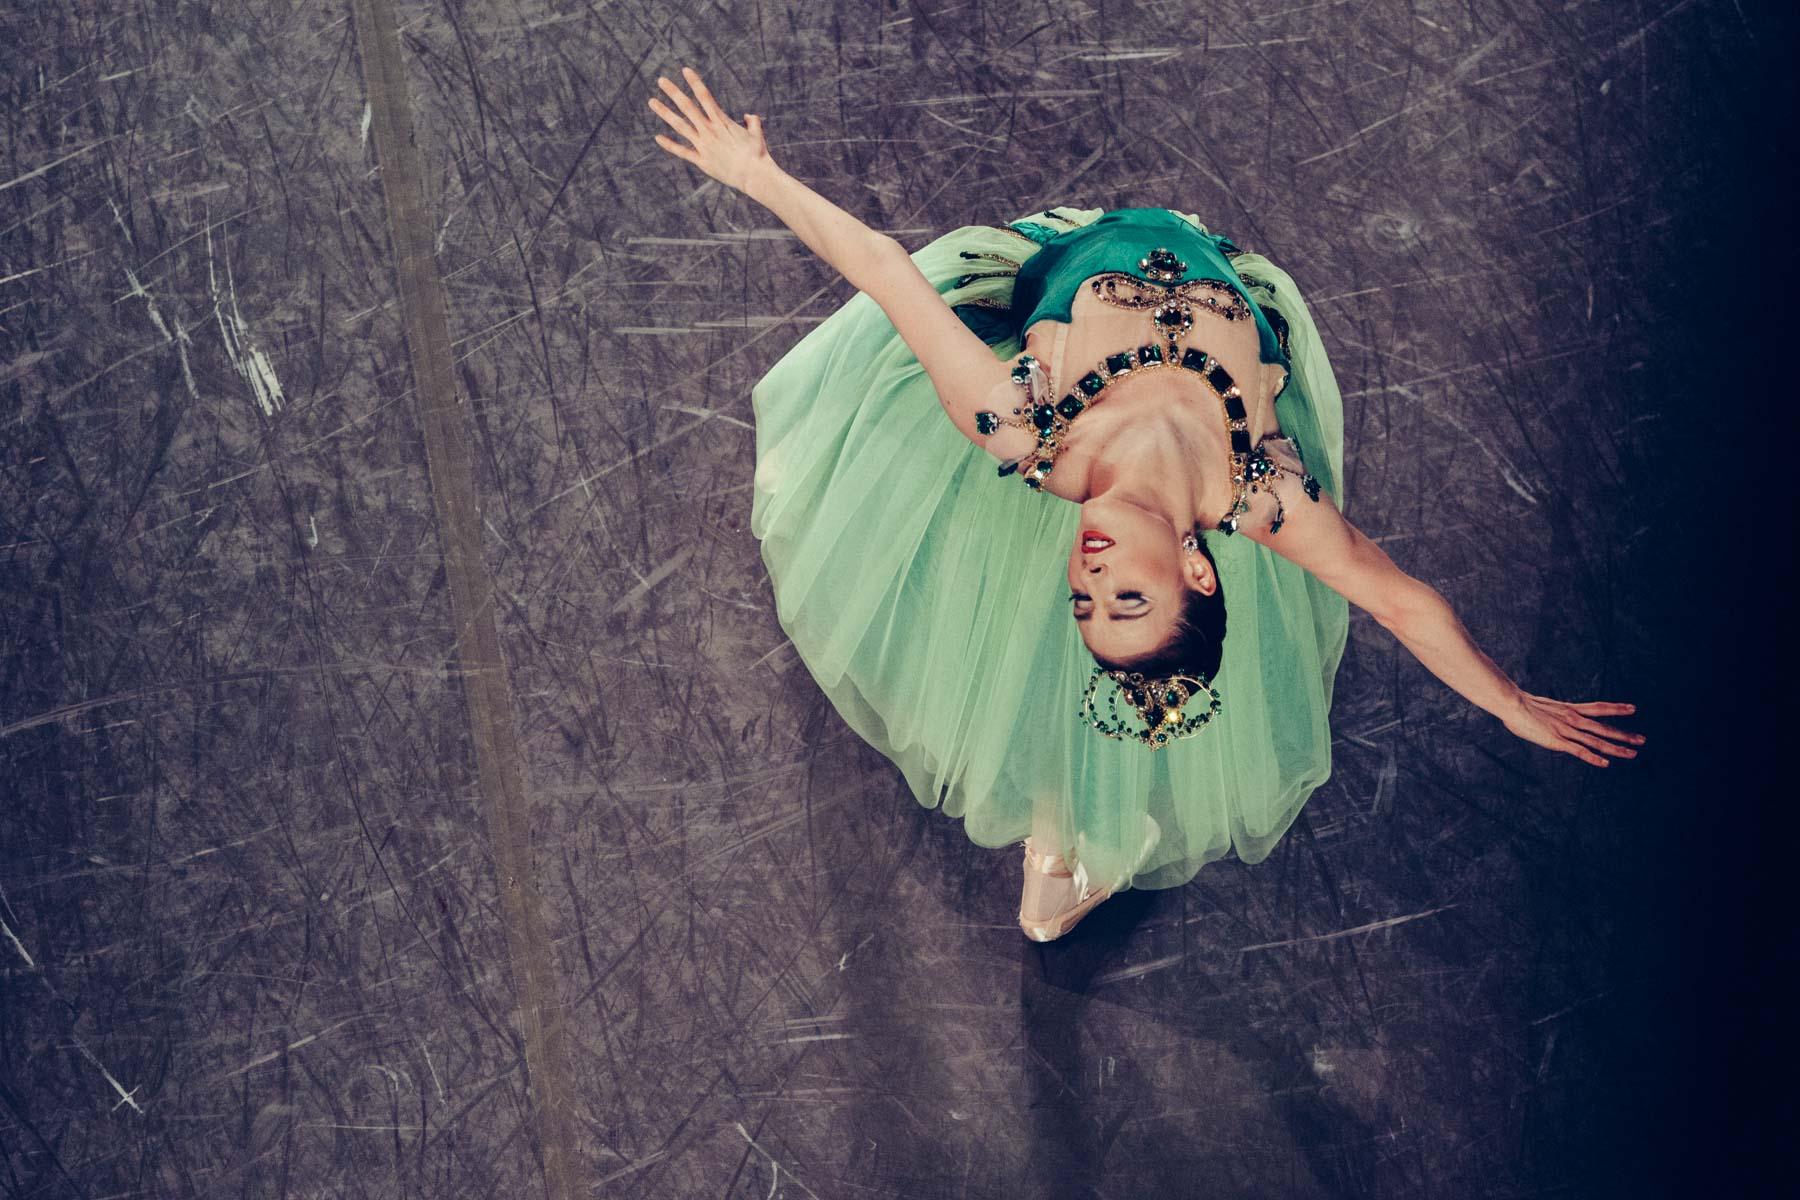 20160423_wsj_ballet-1821.jpg